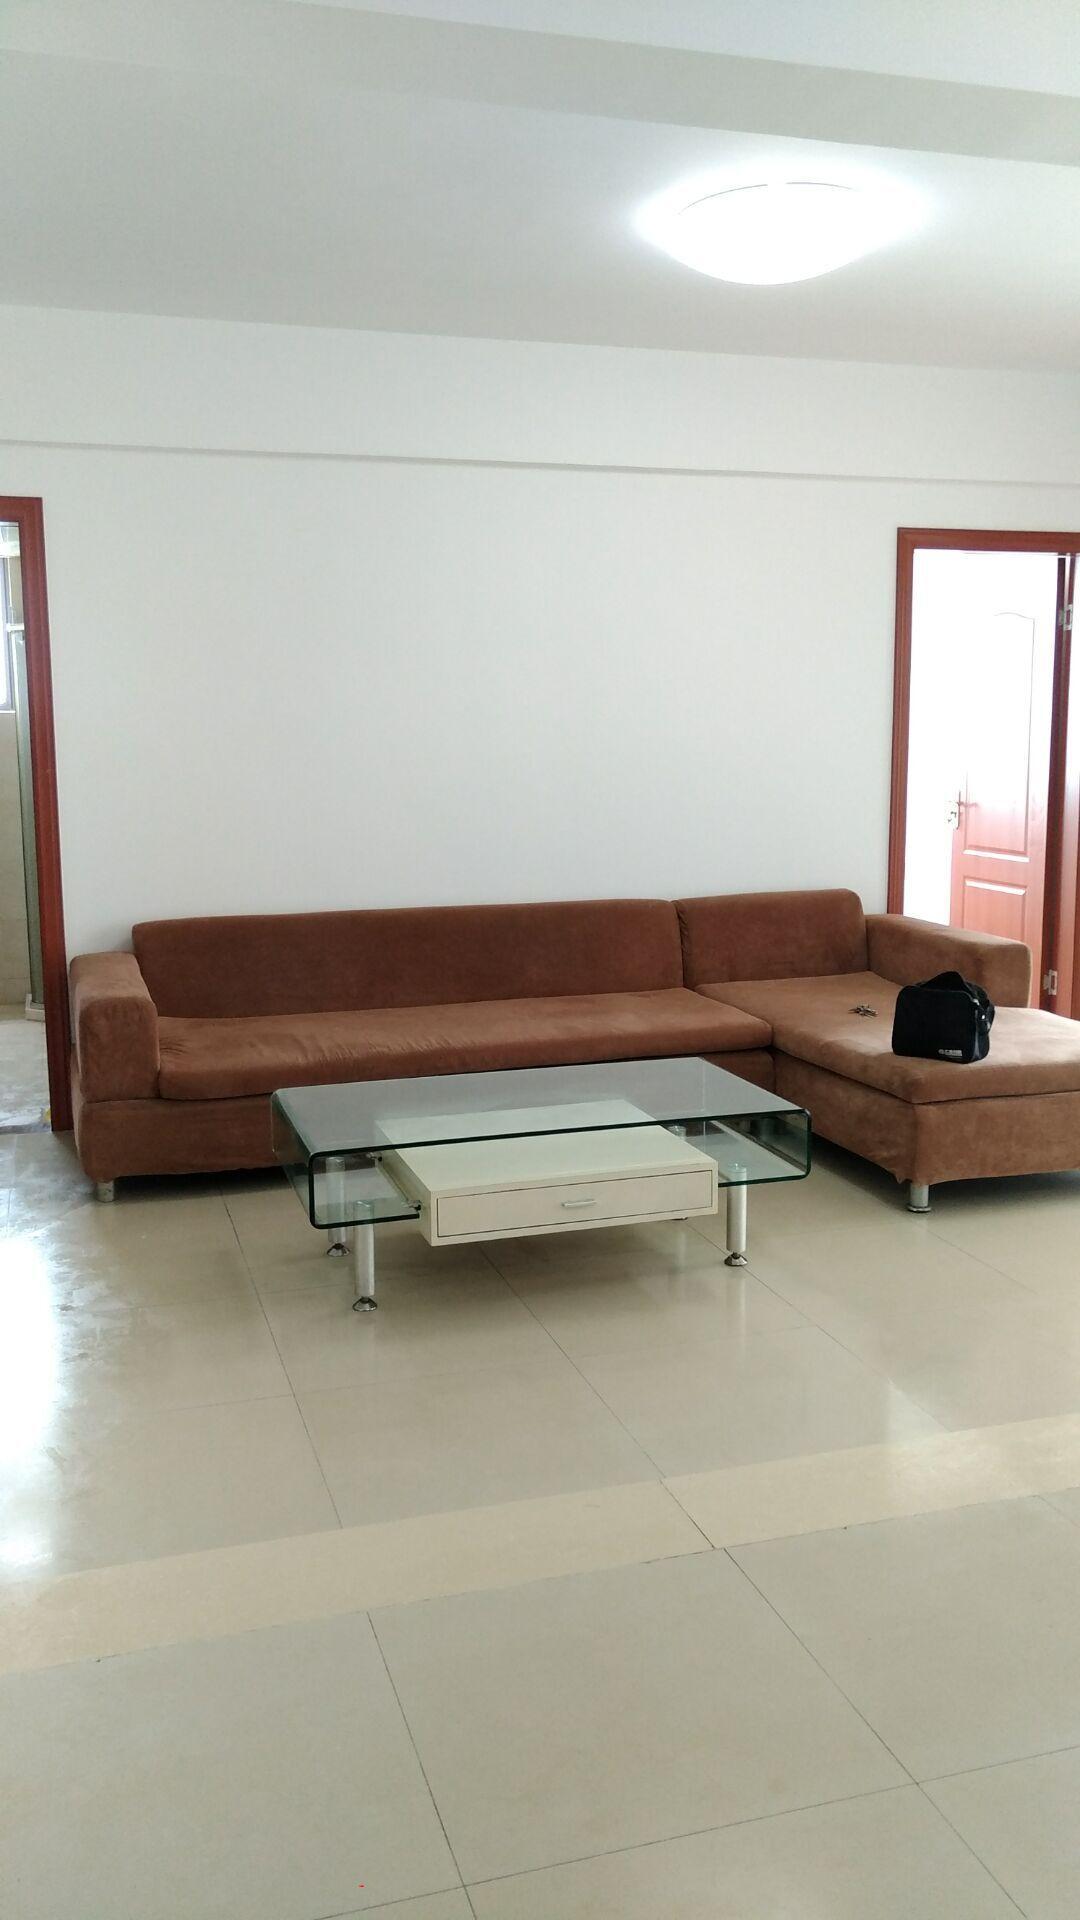 青山湖香寓办公室出租,可拆成两套小的办公或住家